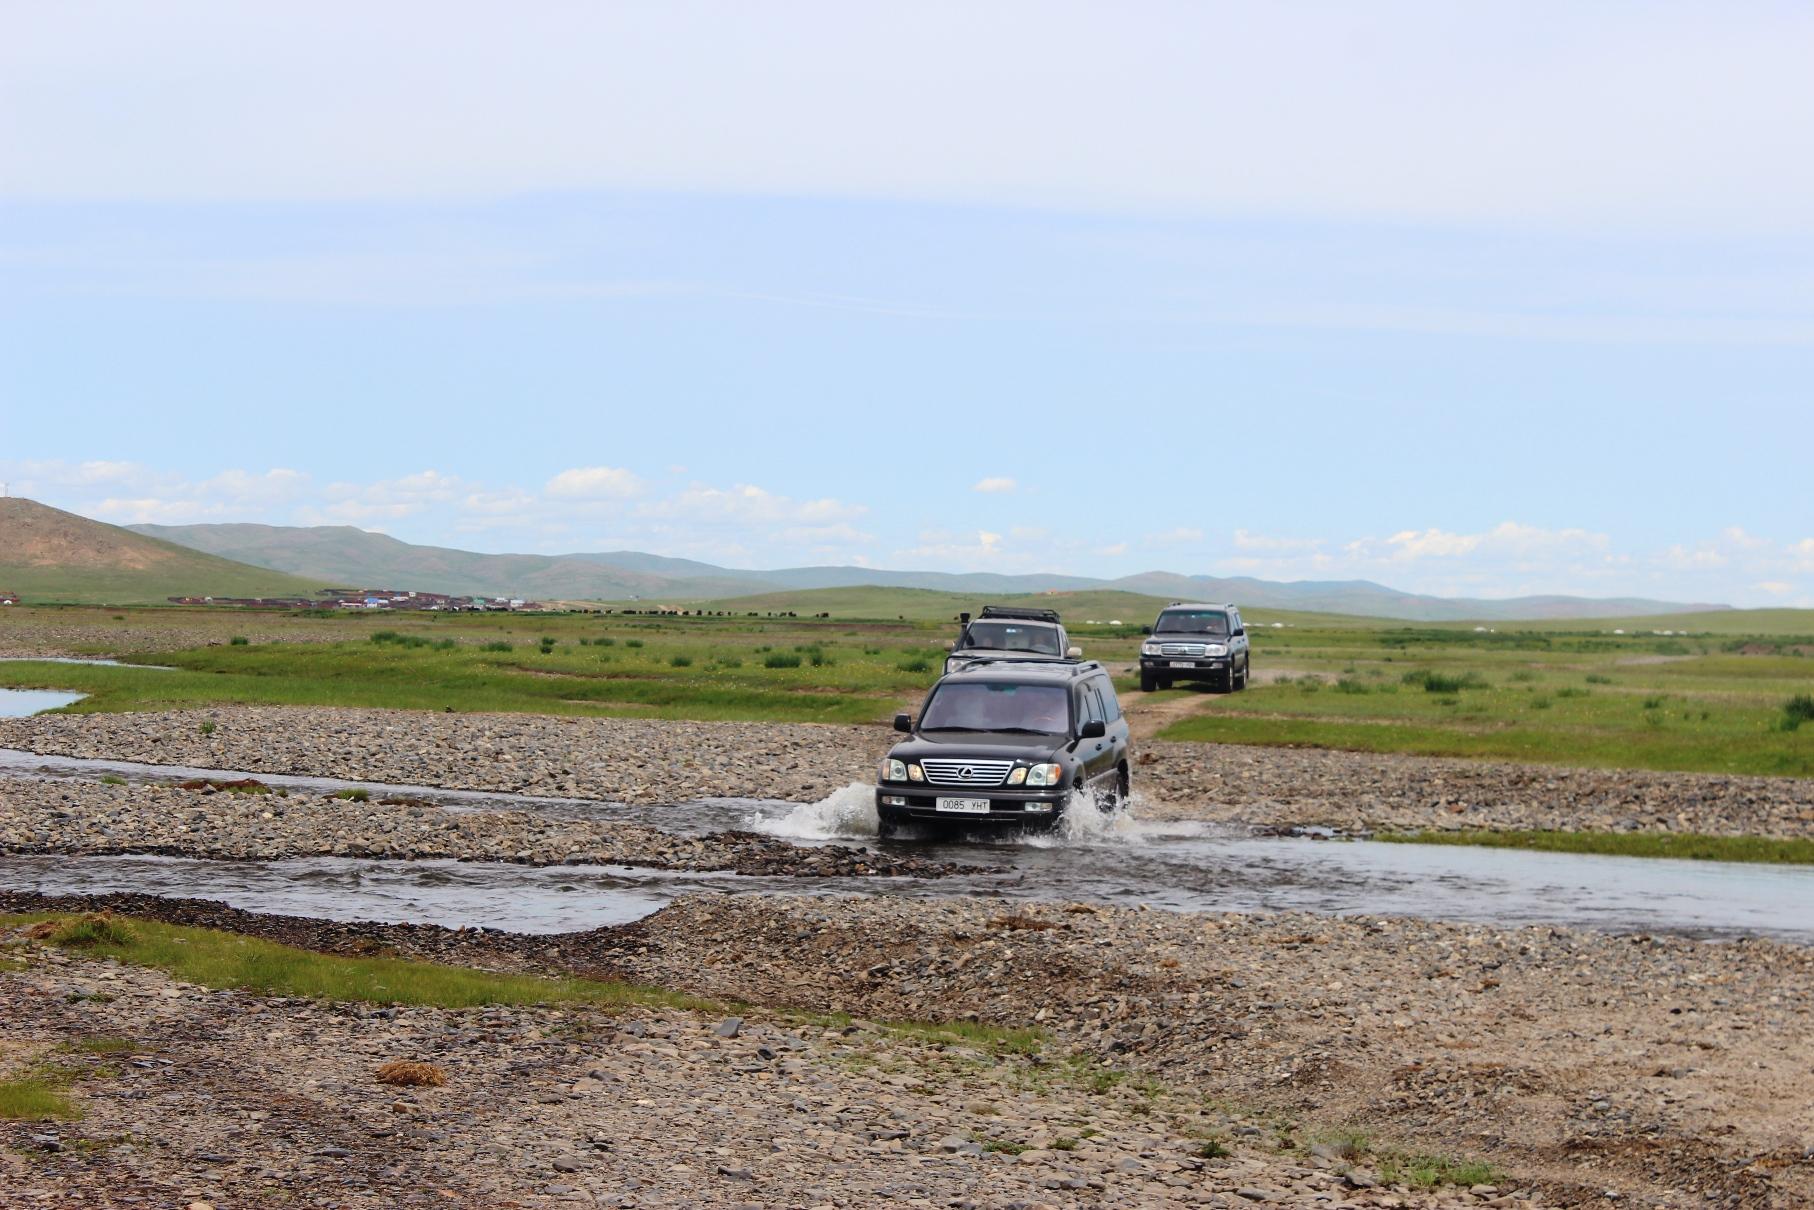 ツェンケルへ向かう道中、小さい川を渡るため四輪駆動車を利用